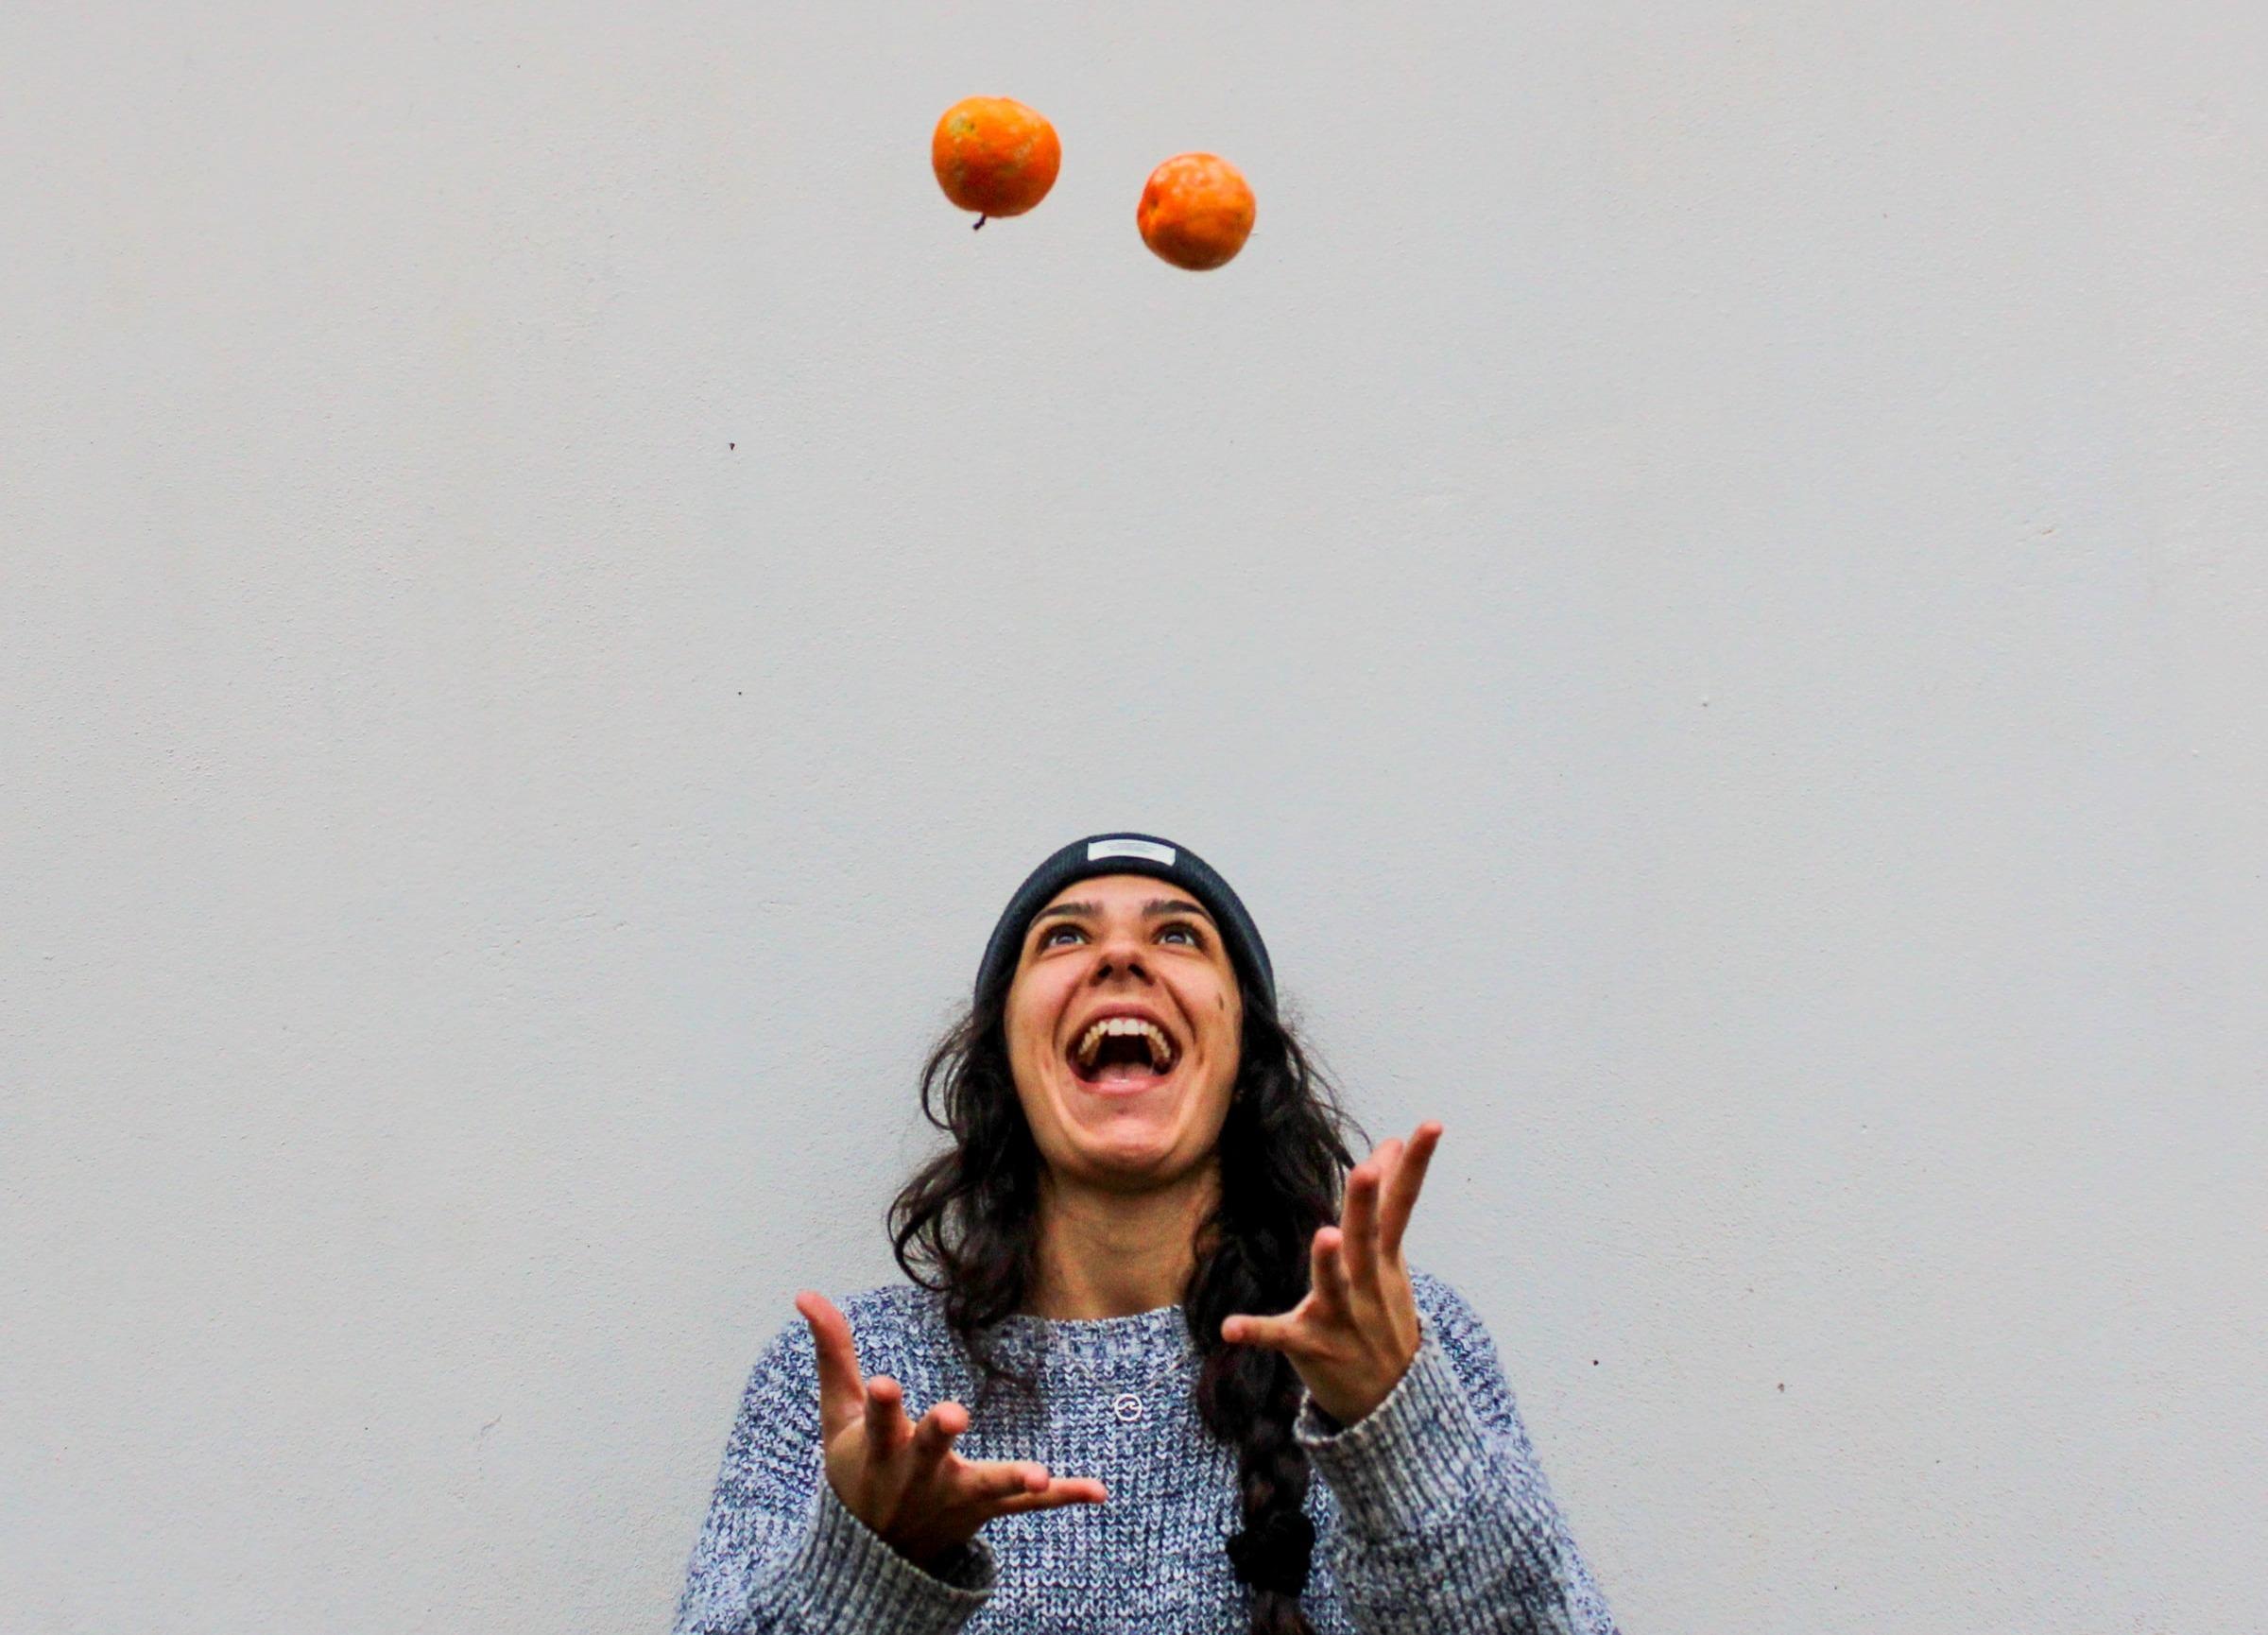 kvinna jonglerar med äpplen